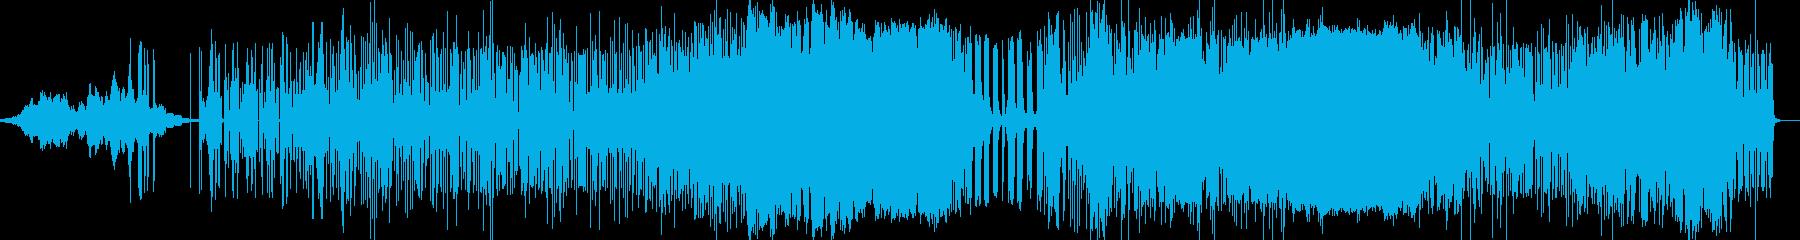 宇宙的映像エレクトロニカアンビエントの再生済みの波形